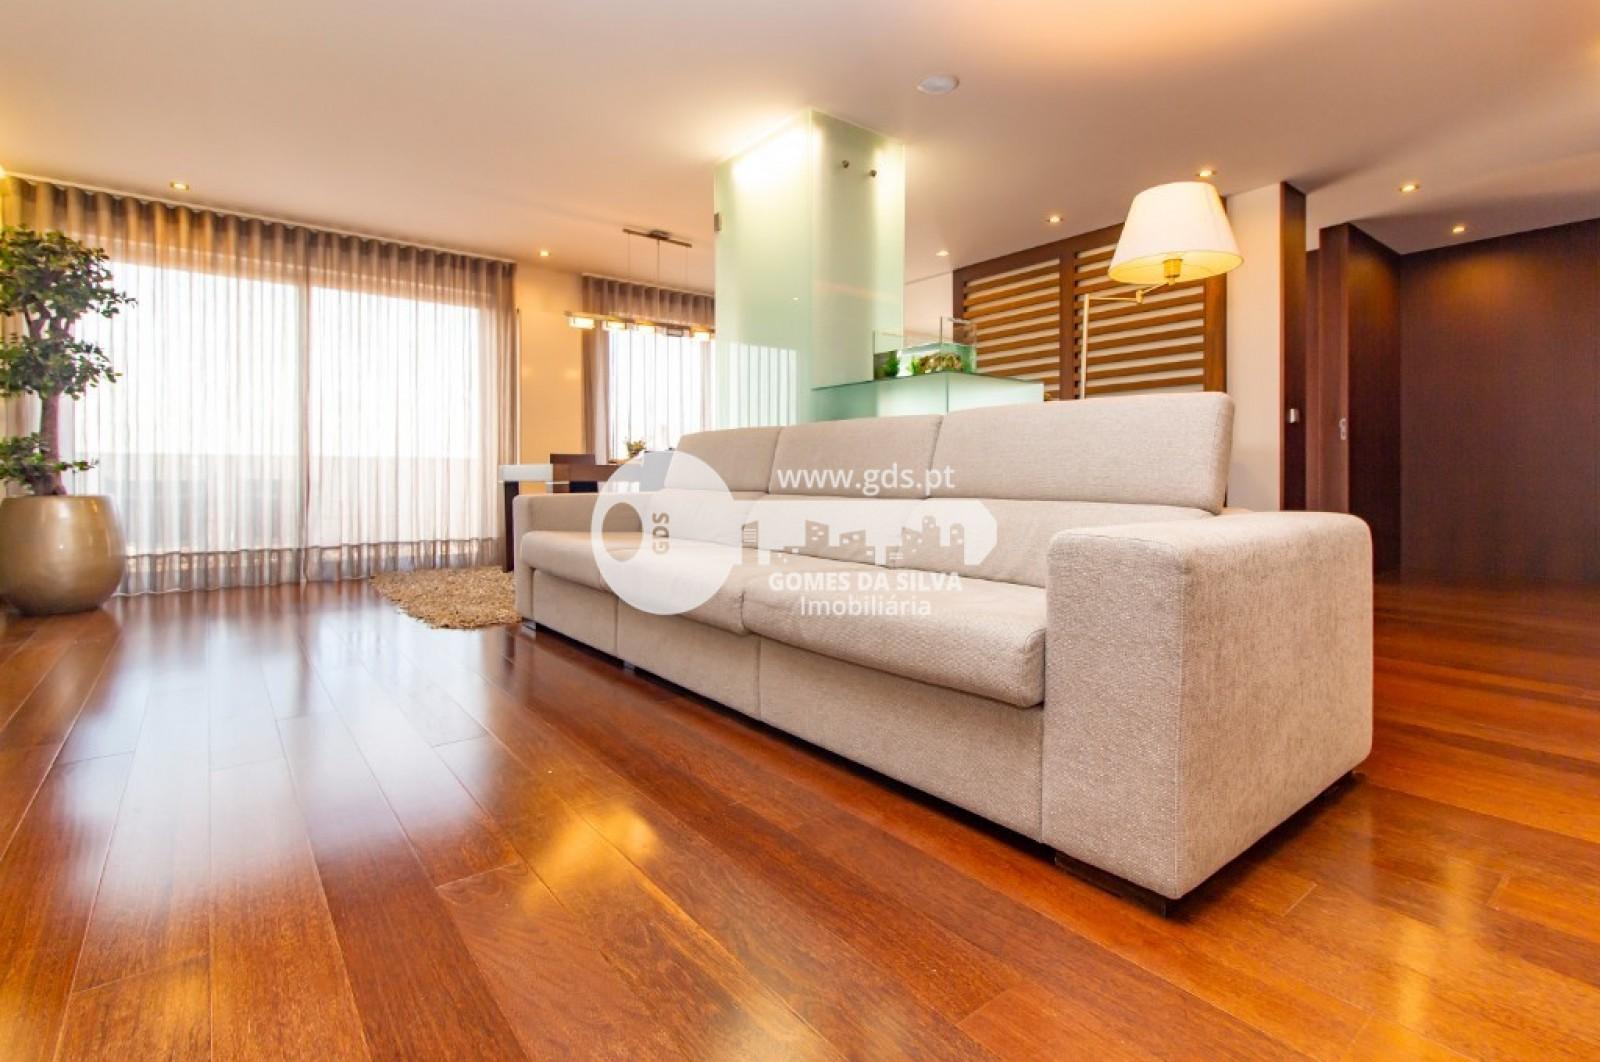 Apartamento T3 para Venda em Nogueira, Fraião e Lamaçães, Braga, Braga - Imagem 11